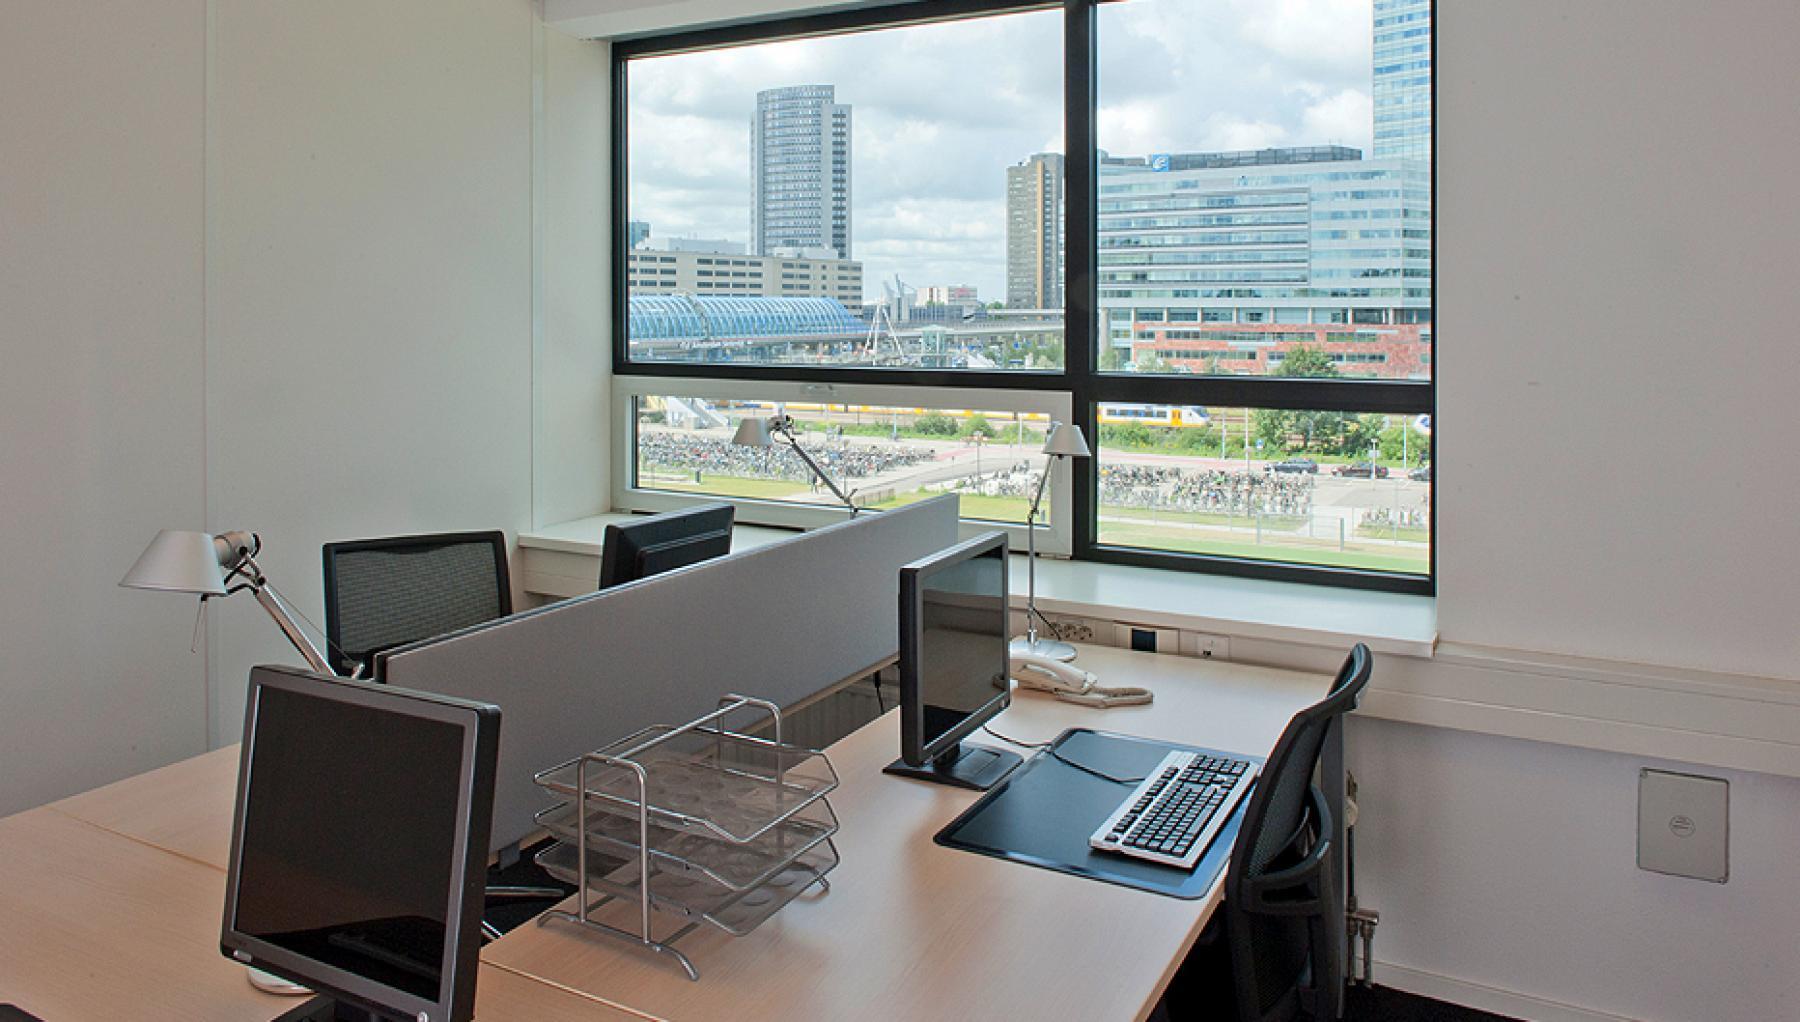 office building working desks three